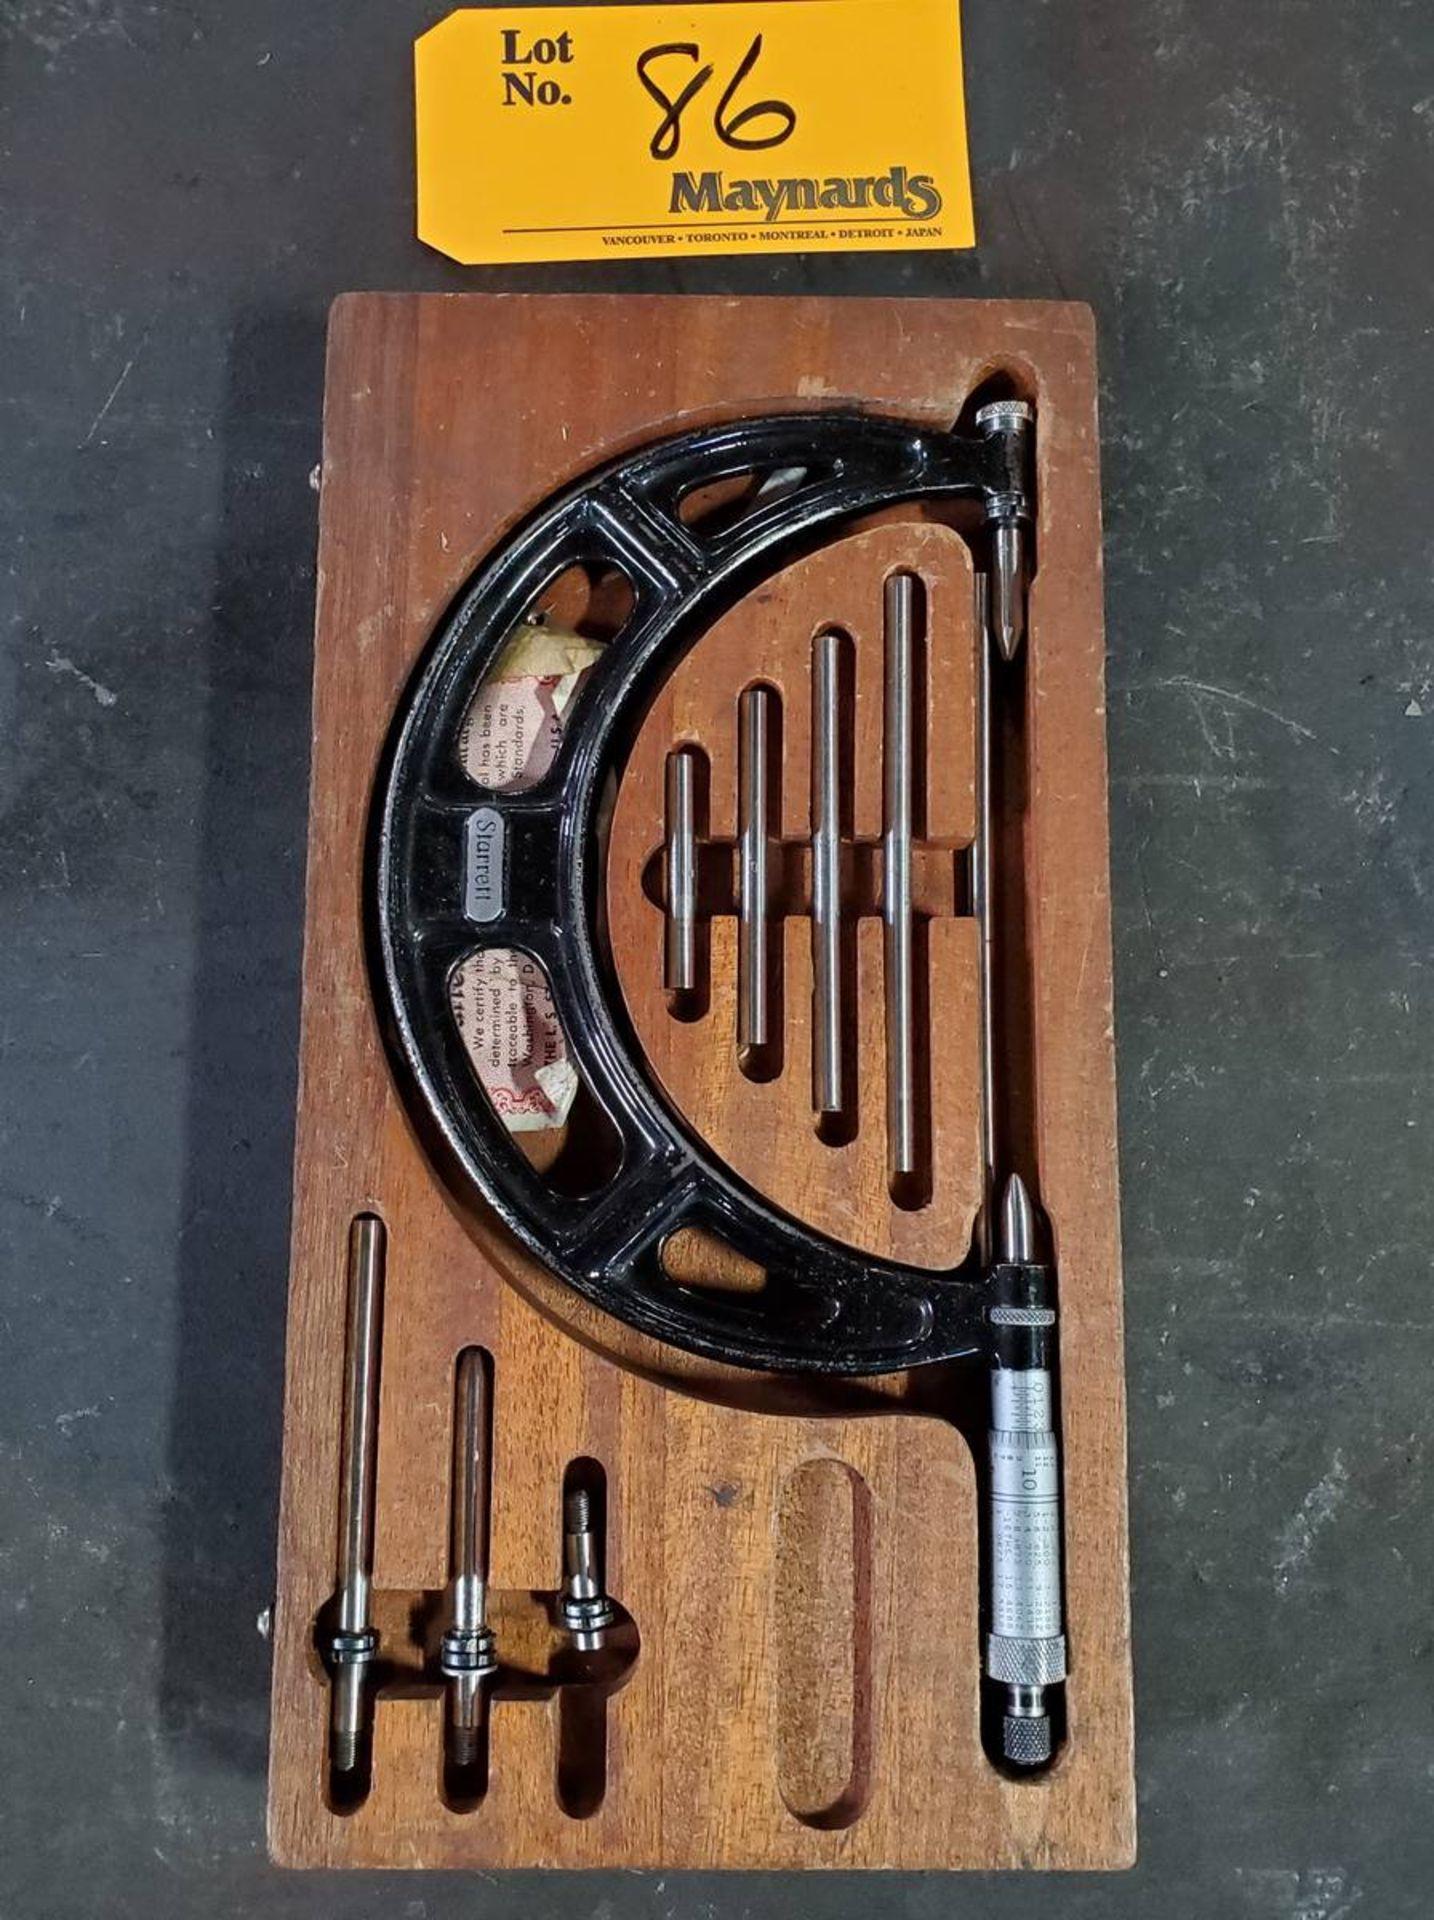 Lot 86 - Starrett Micrometer Set